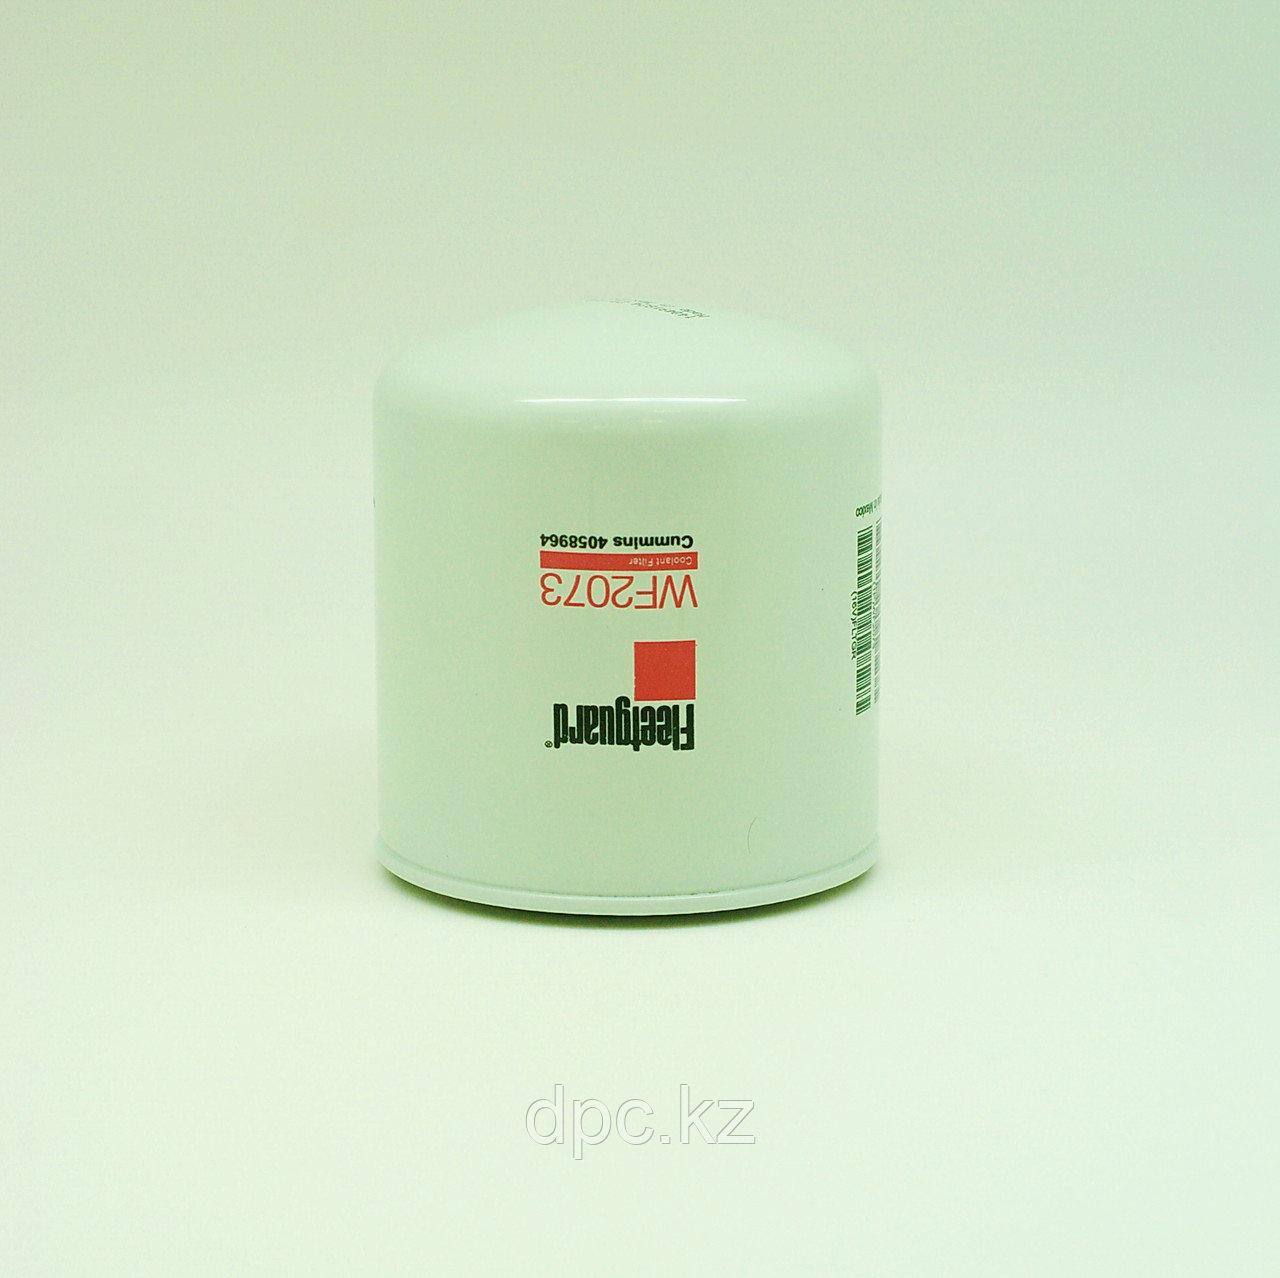 Фильтр системы охлаждения Cummins Fleetguard WF2073 Флитгард 4058964